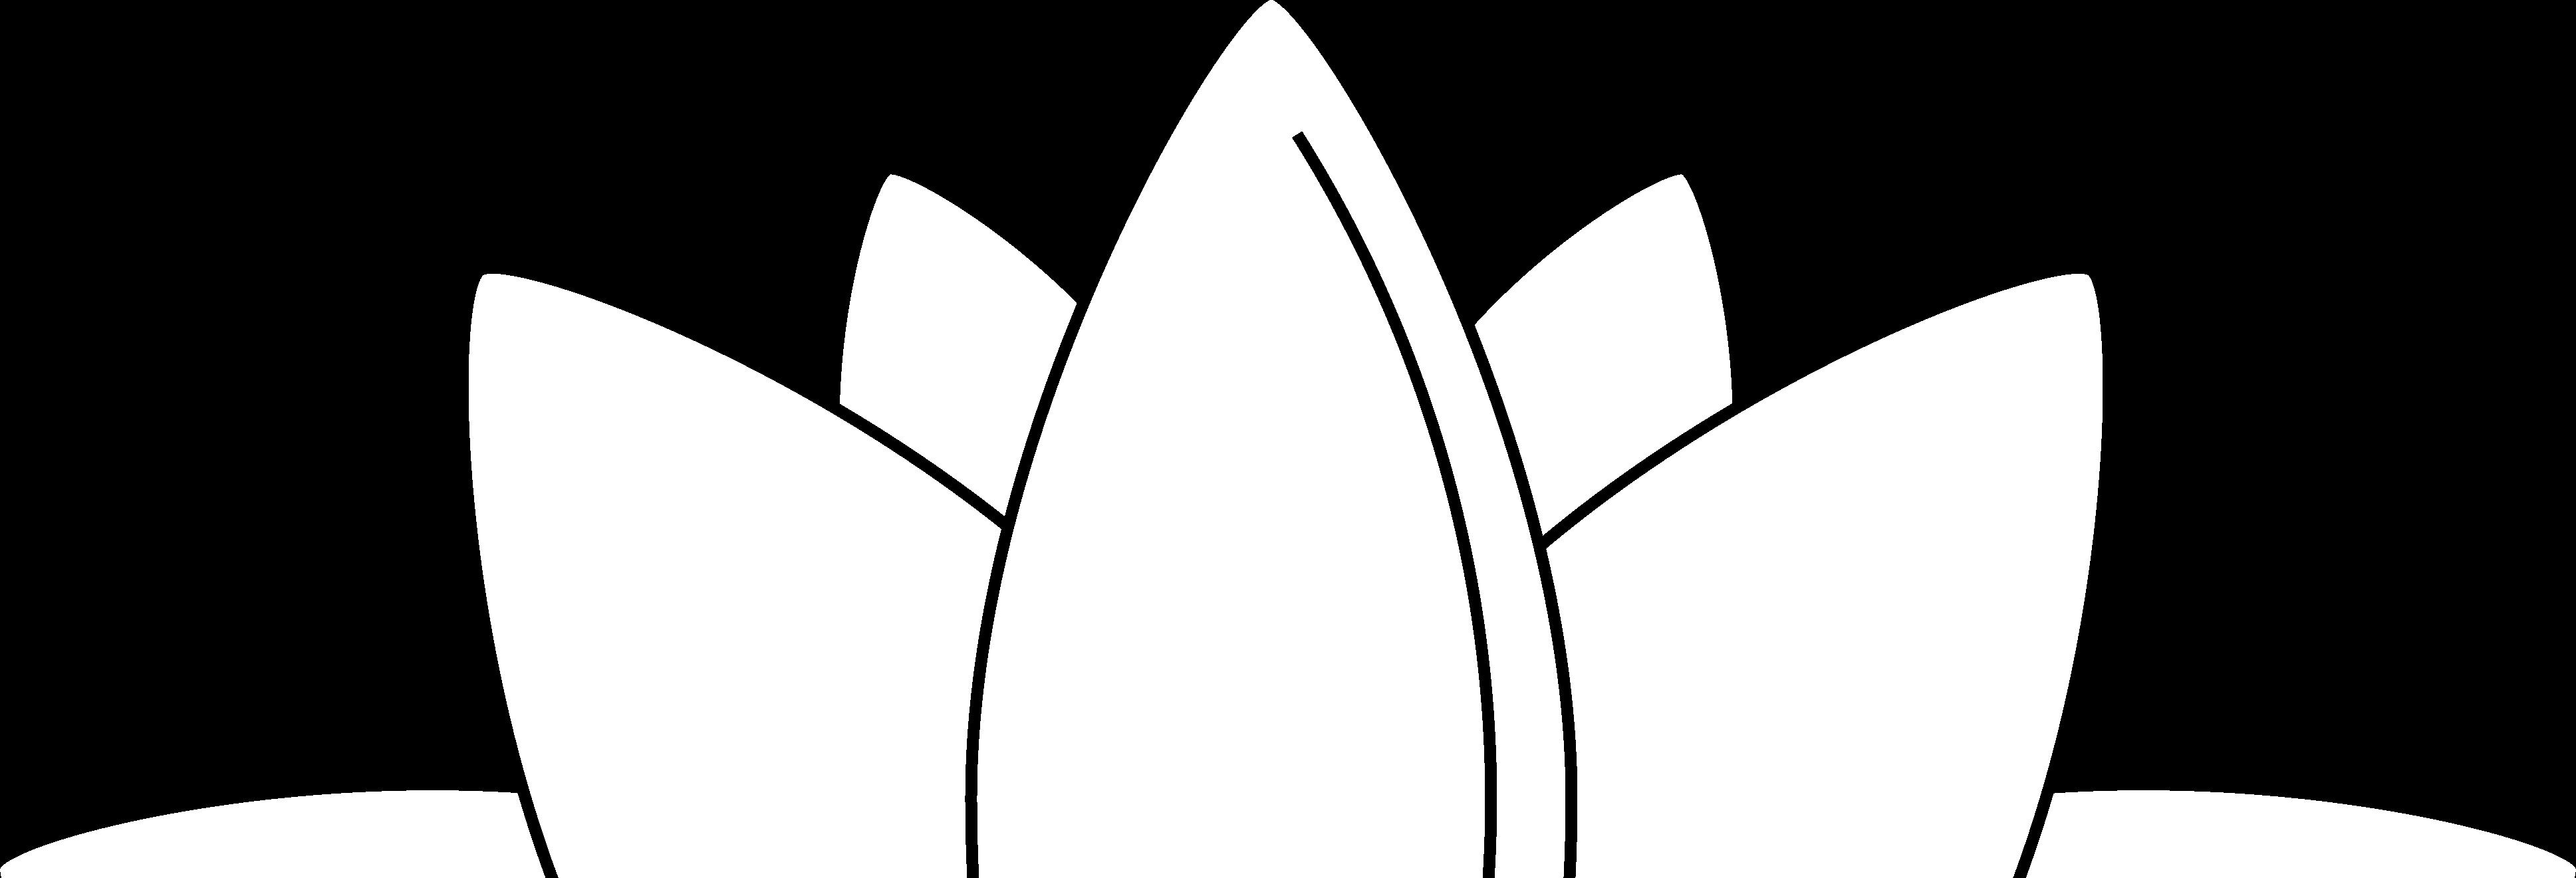 lotus-divider